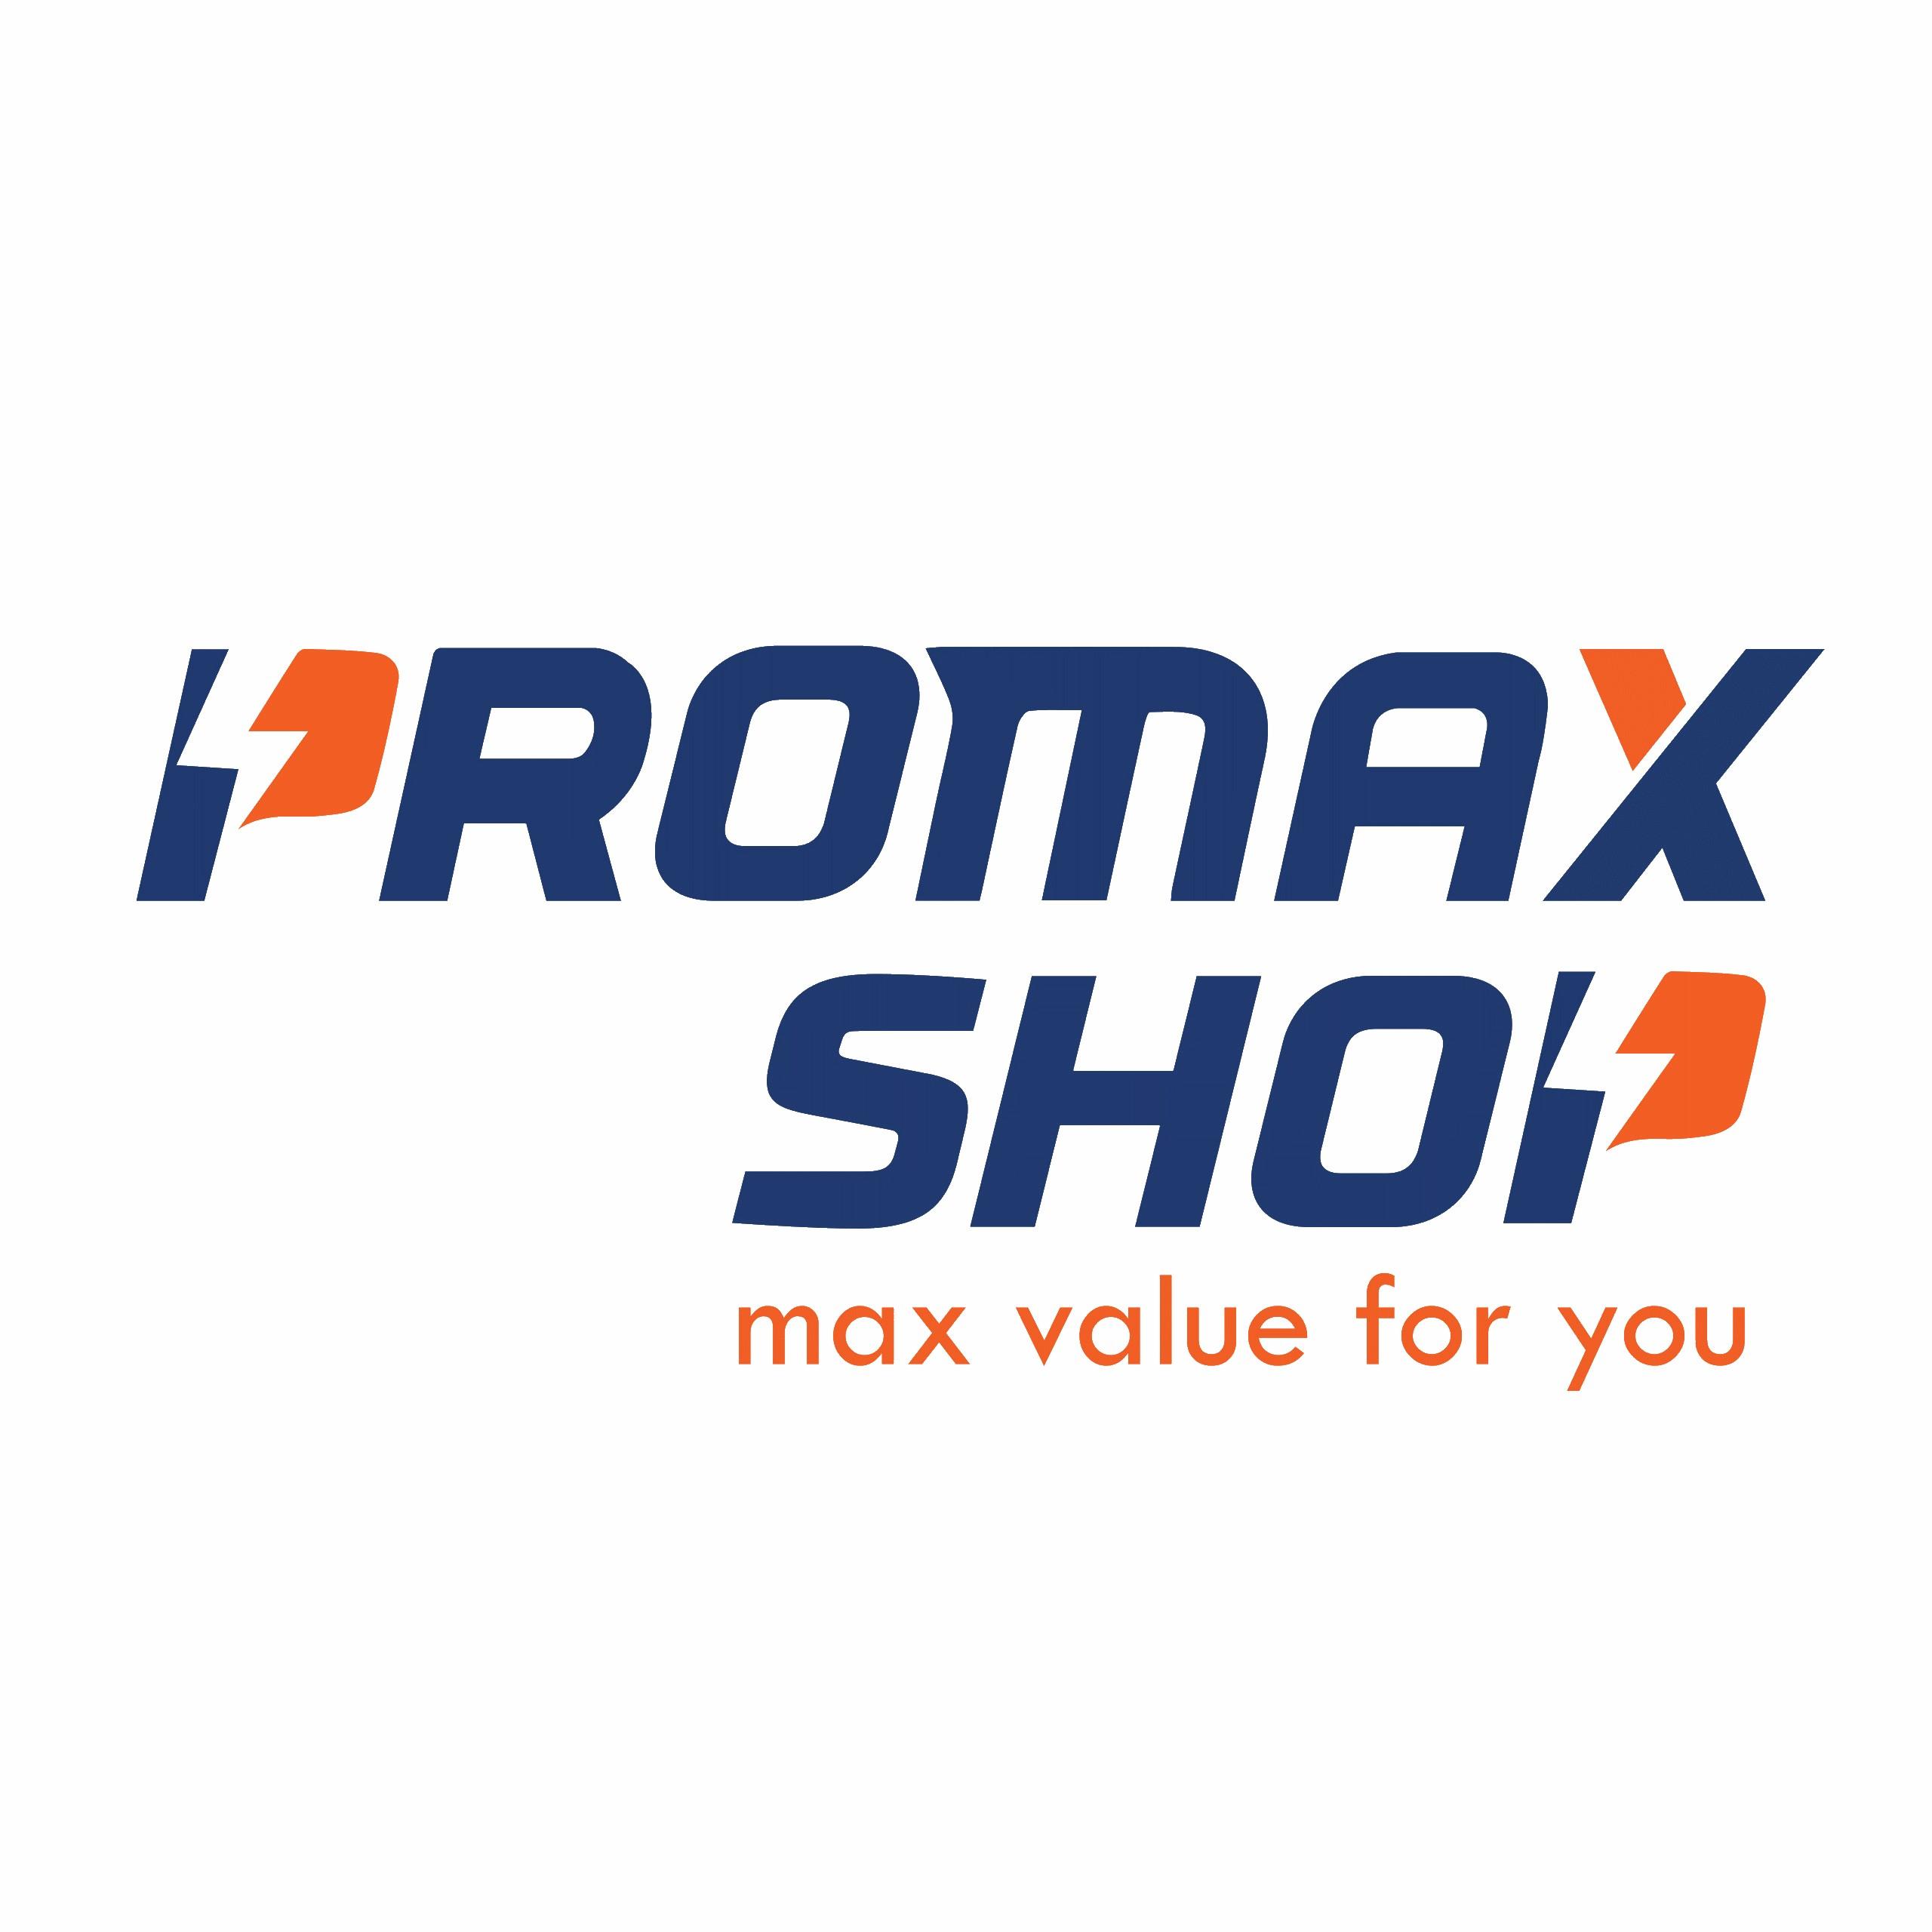 Promax Shop